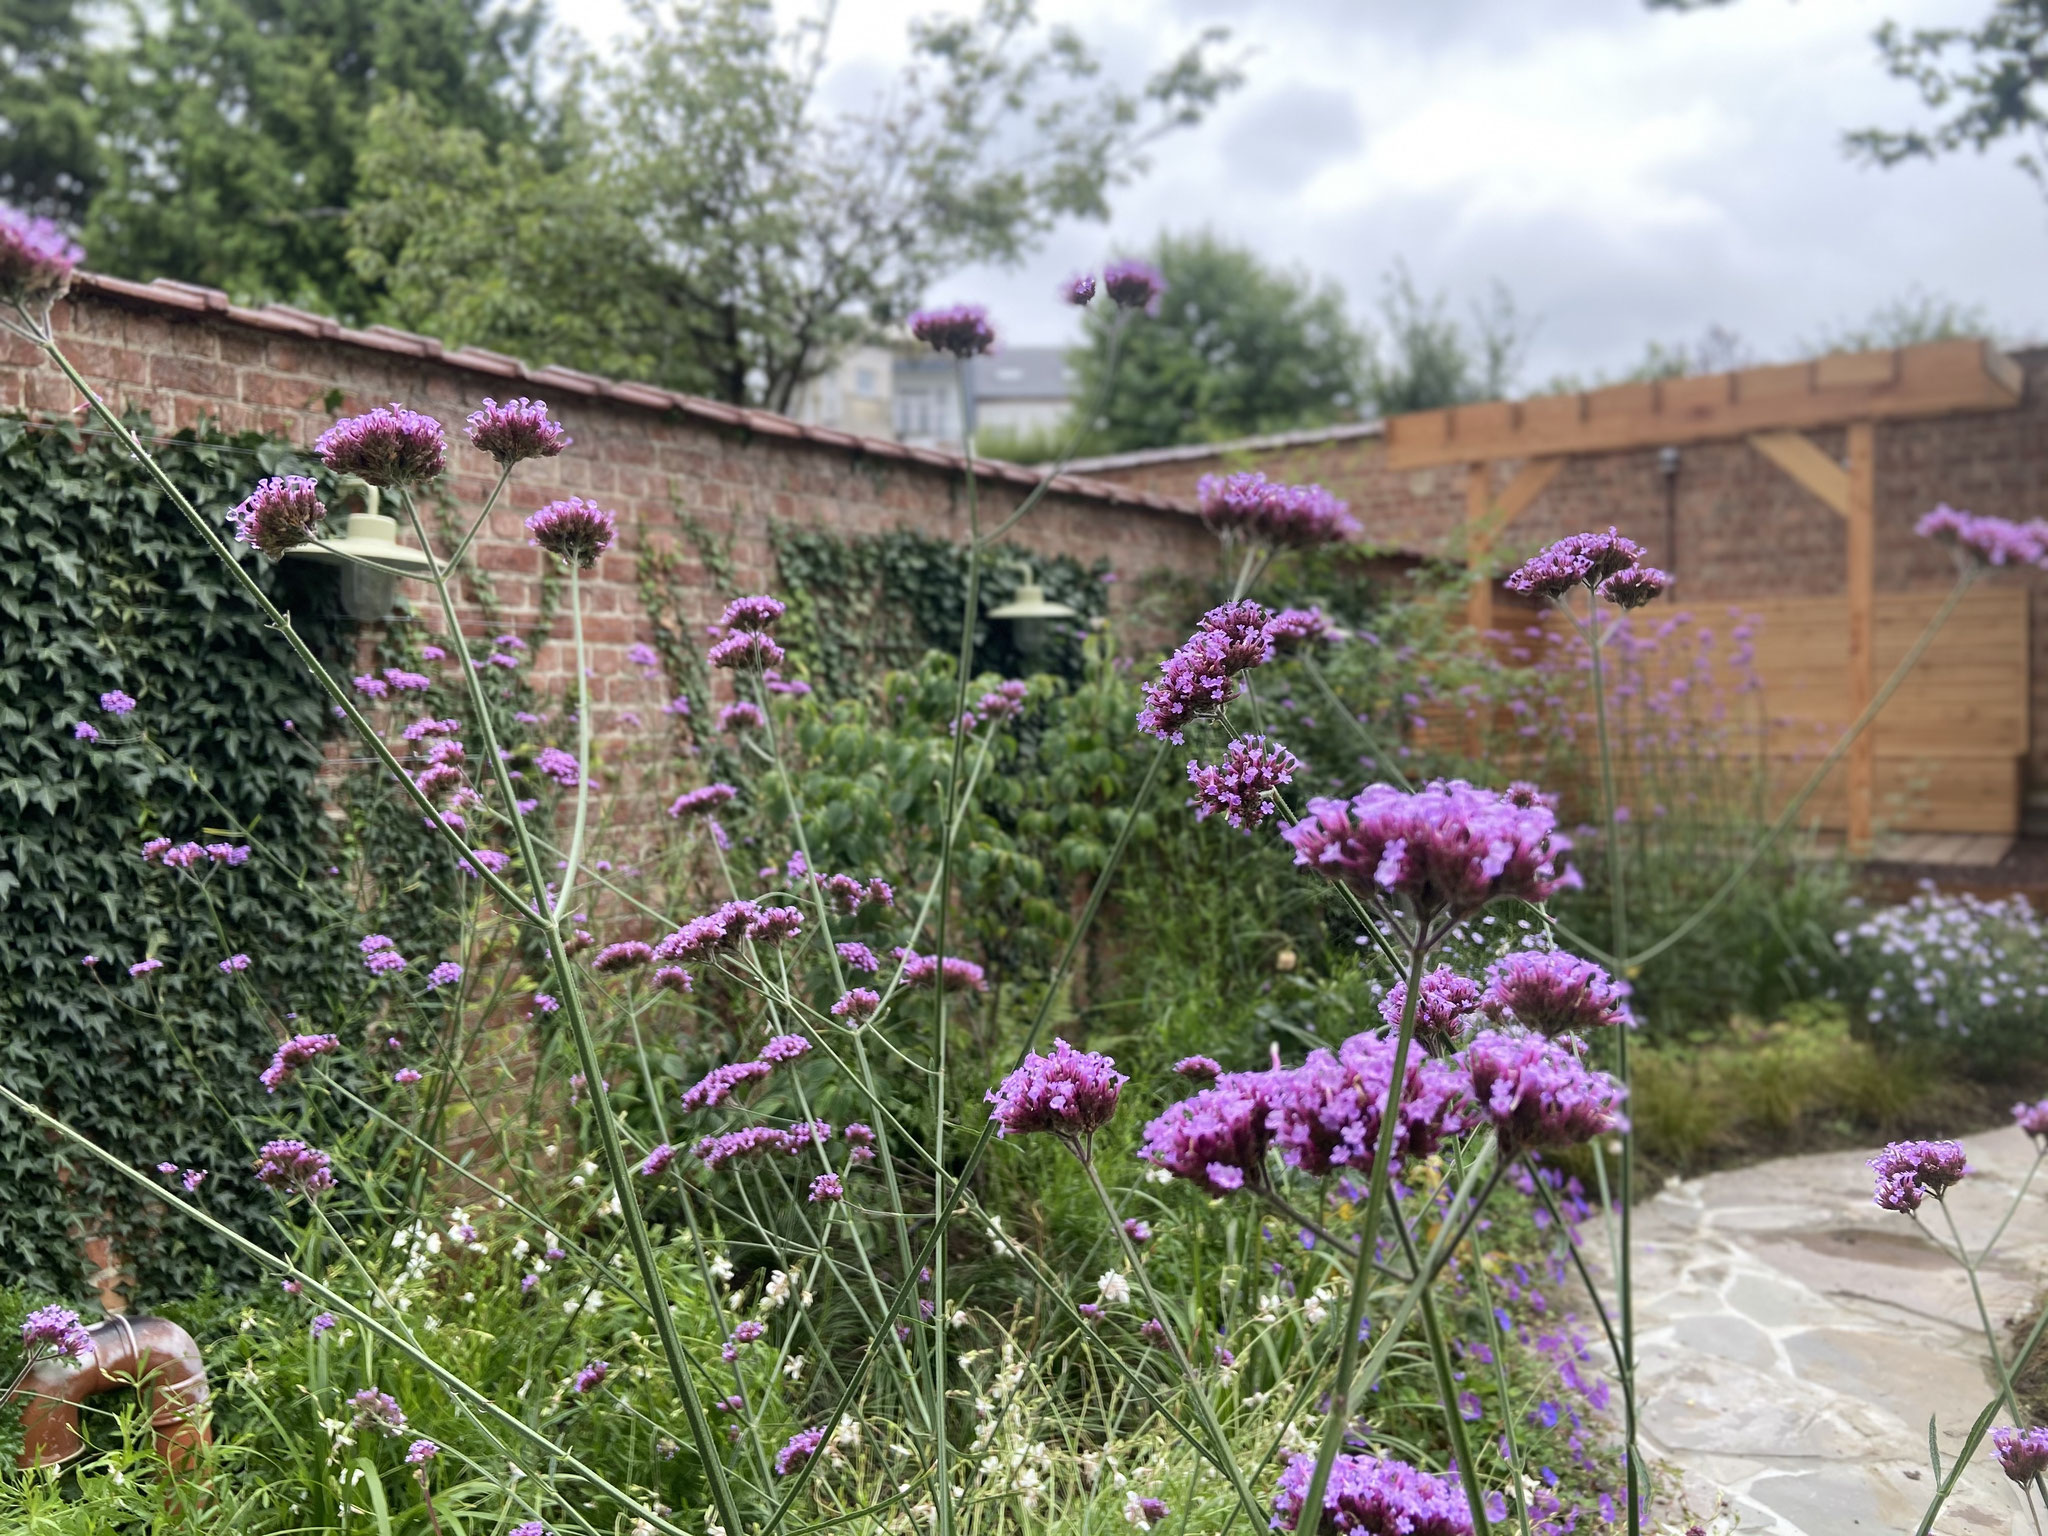 Jardin de ville 50m2 - Jardin naturaliste - Détail de végétation / Verbena bonariensis. Aménagement Jardin Bruxelles